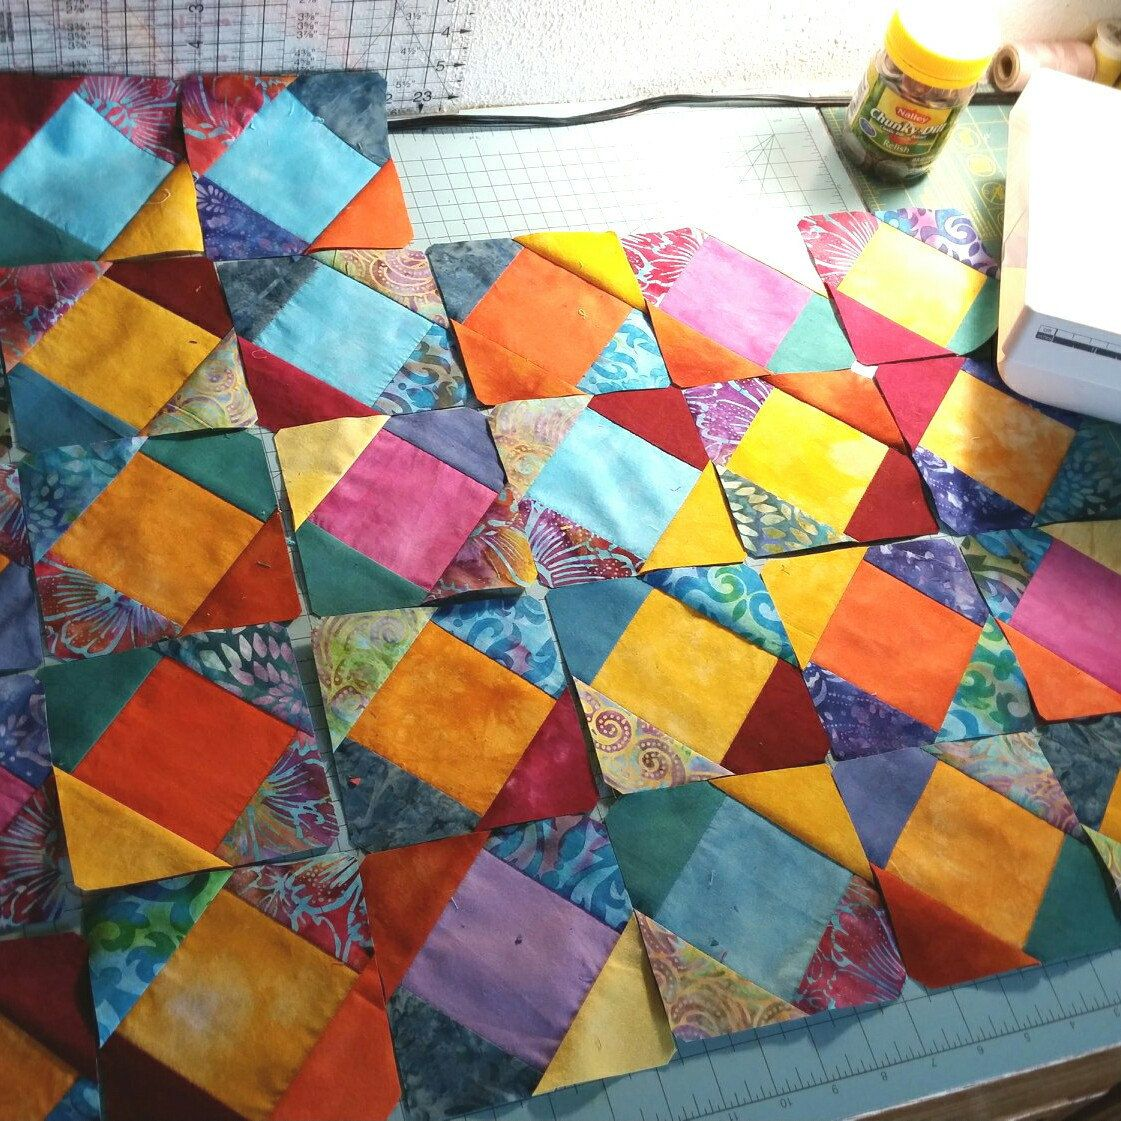 Quilt for Sale, Lap Quilt, Purple Quilt, Handmade Purple Quilt ... : home made quilts for sale - Adamdwight.com